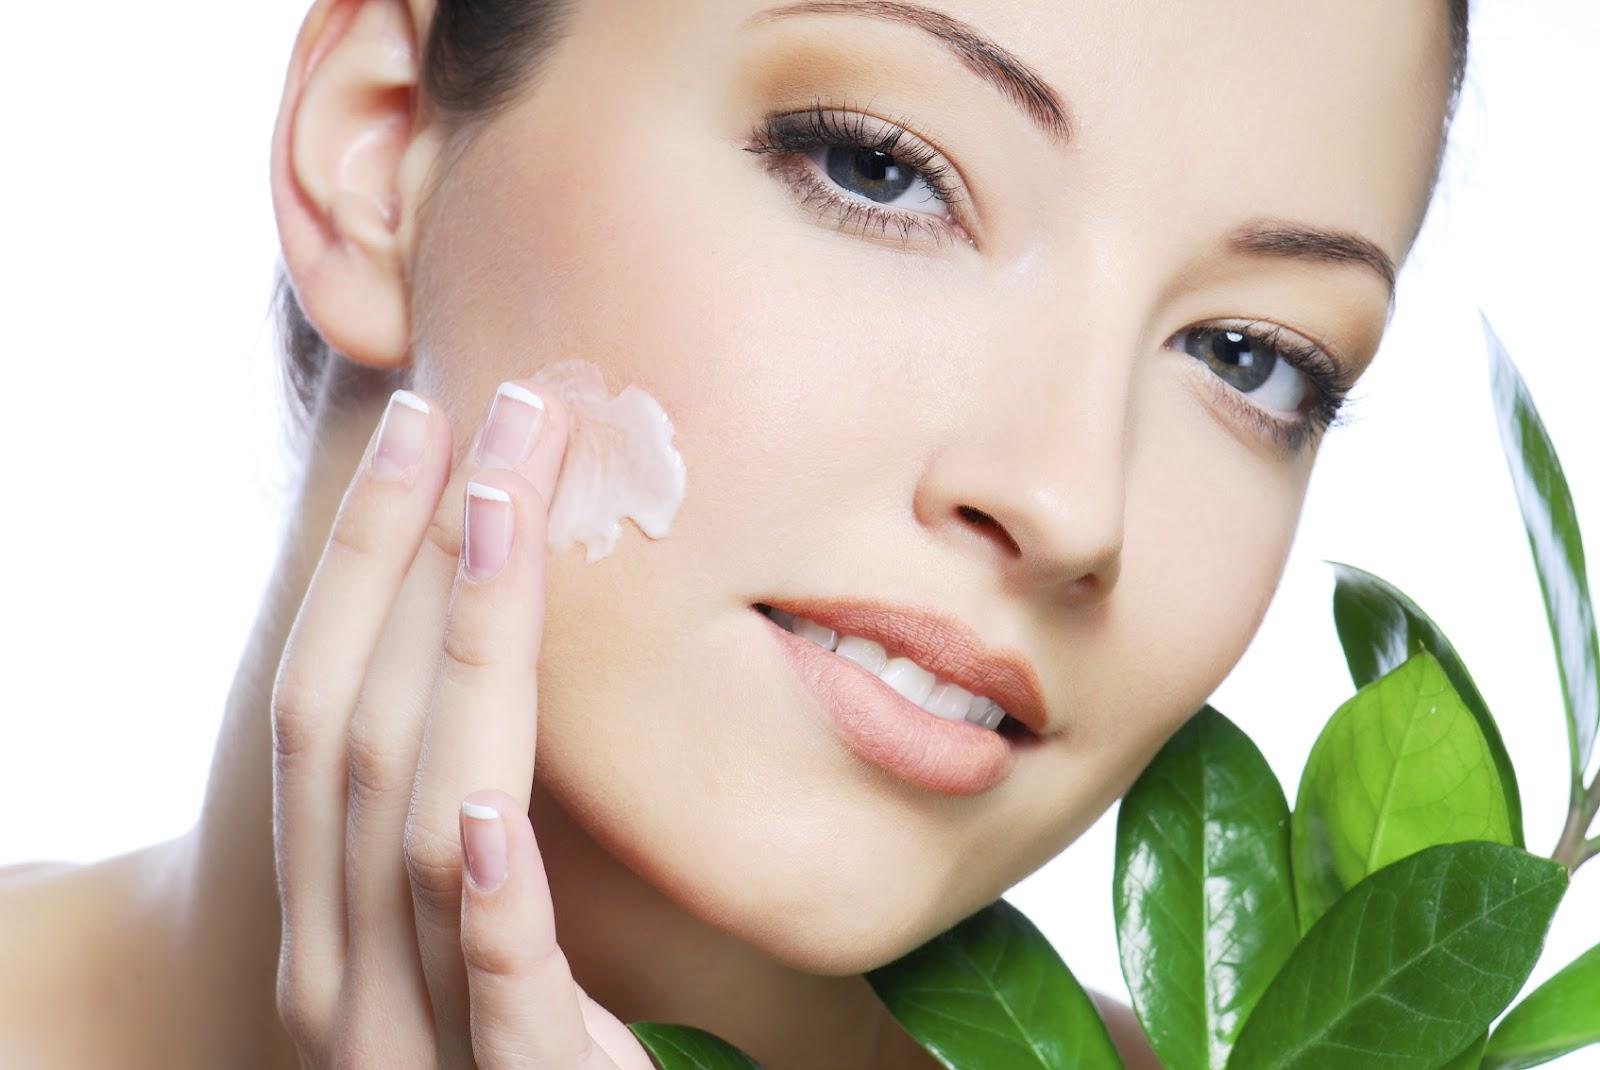 Hasil gambar untuk skin care